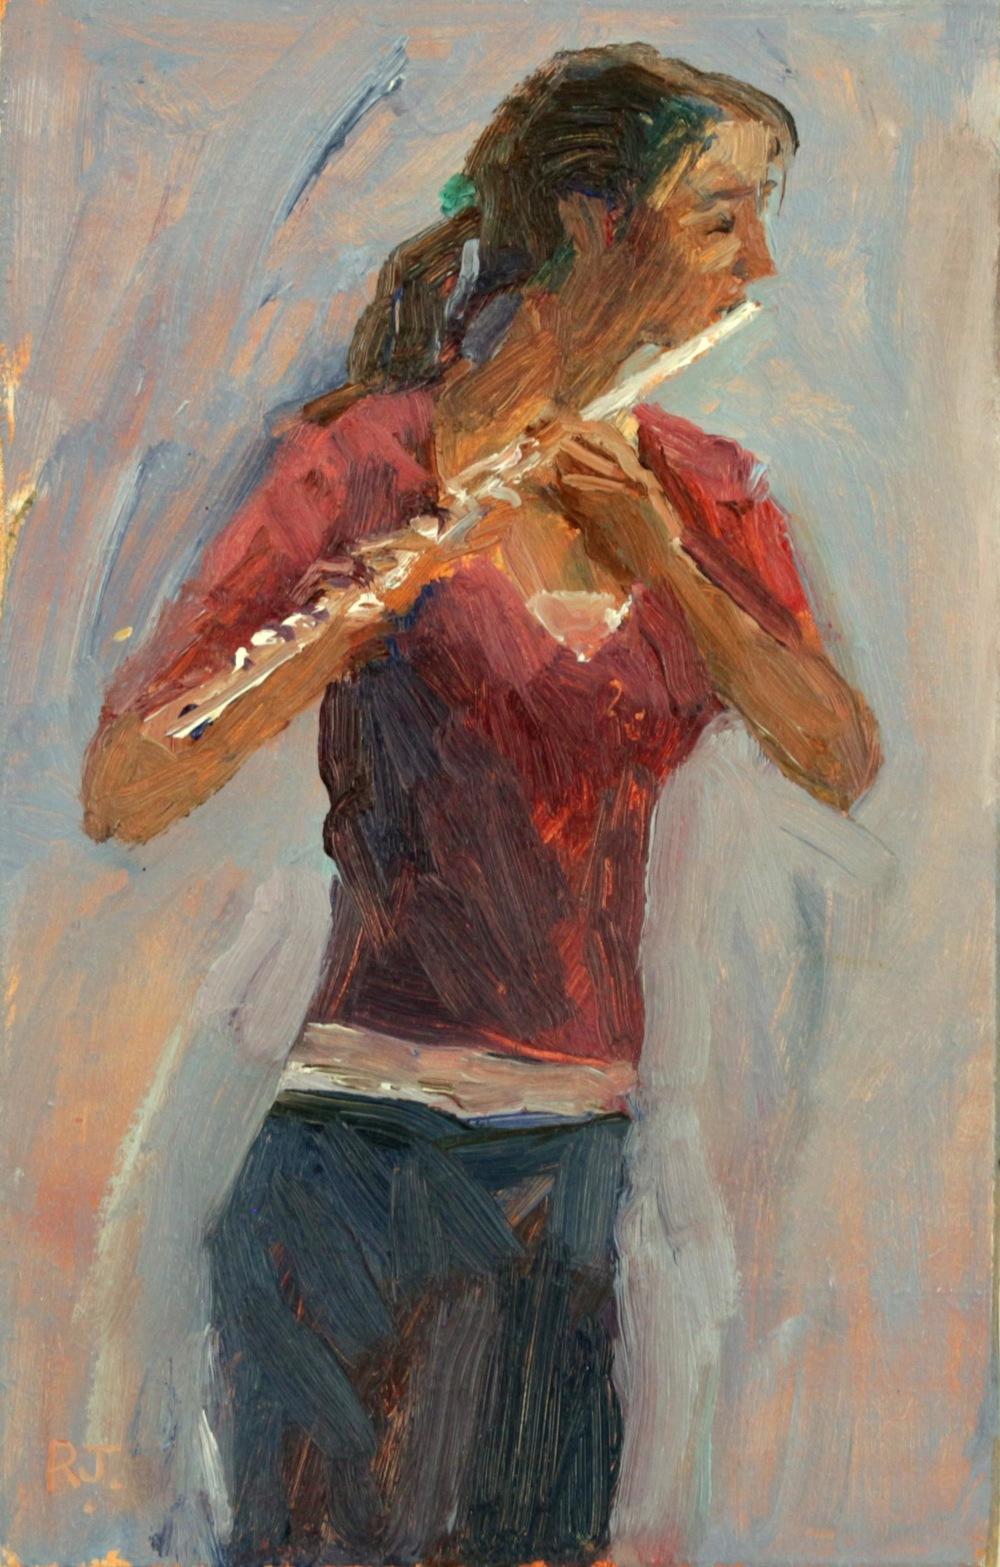 109. flautist III